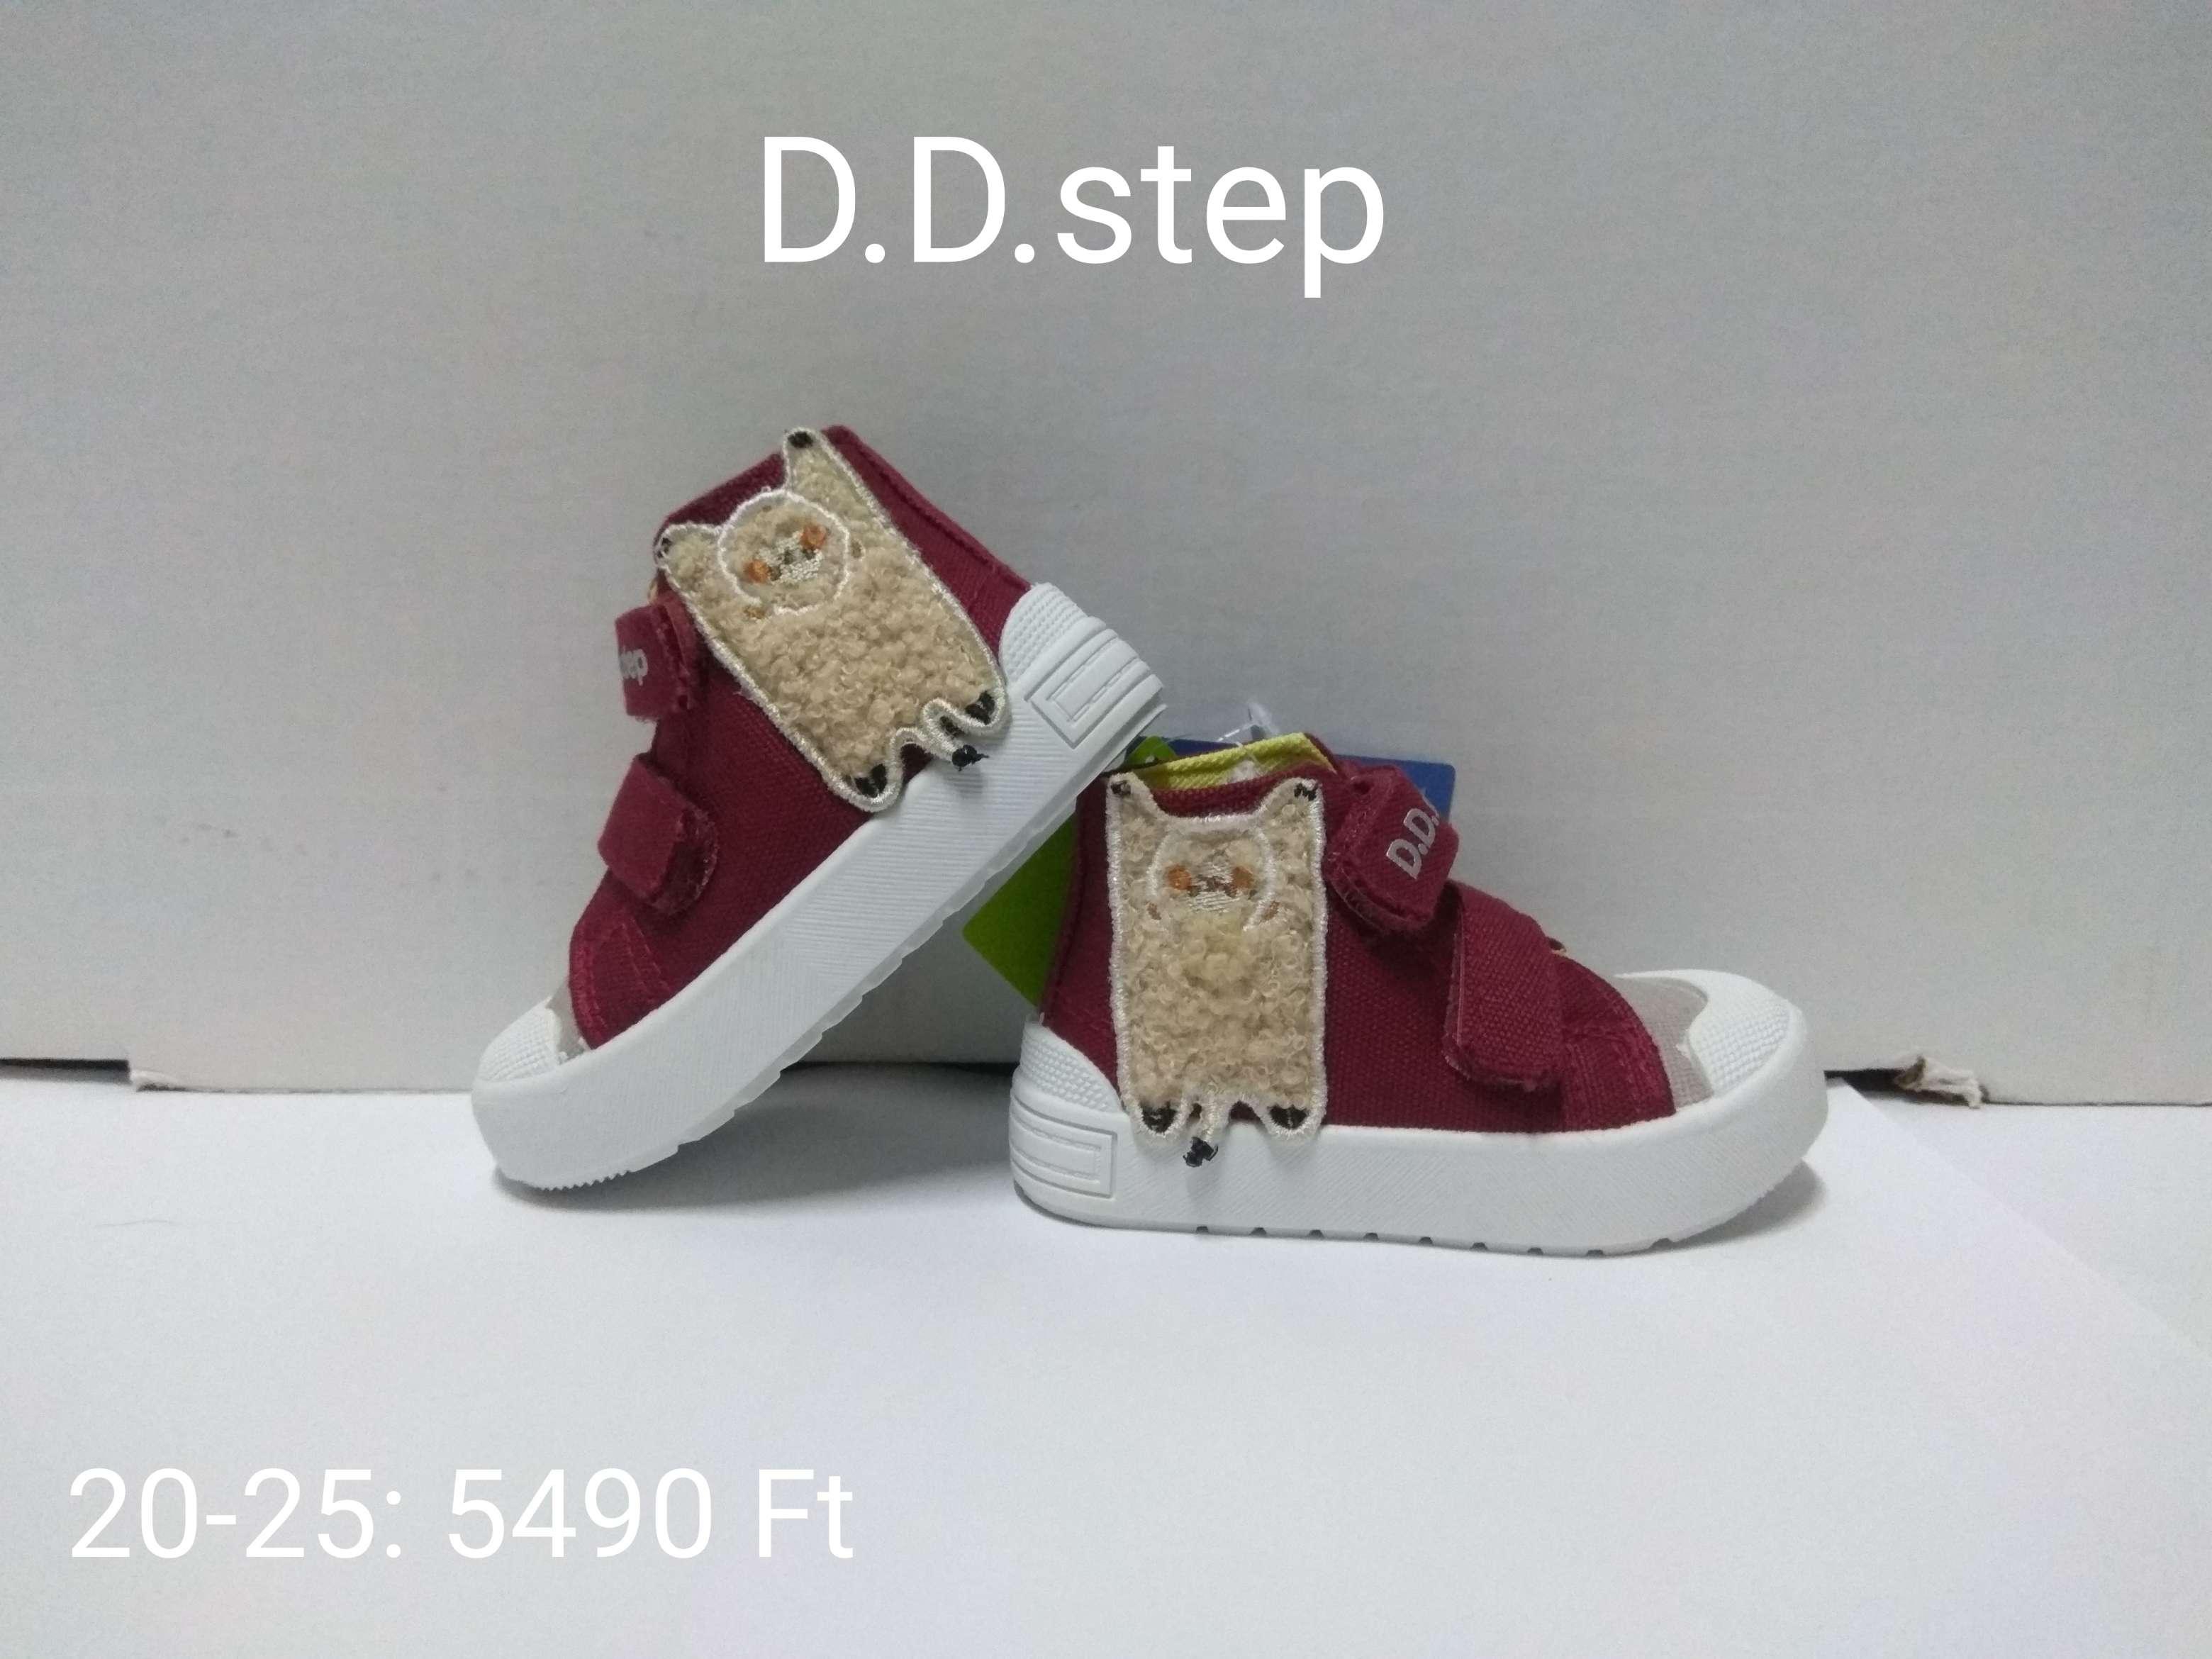 D D.step